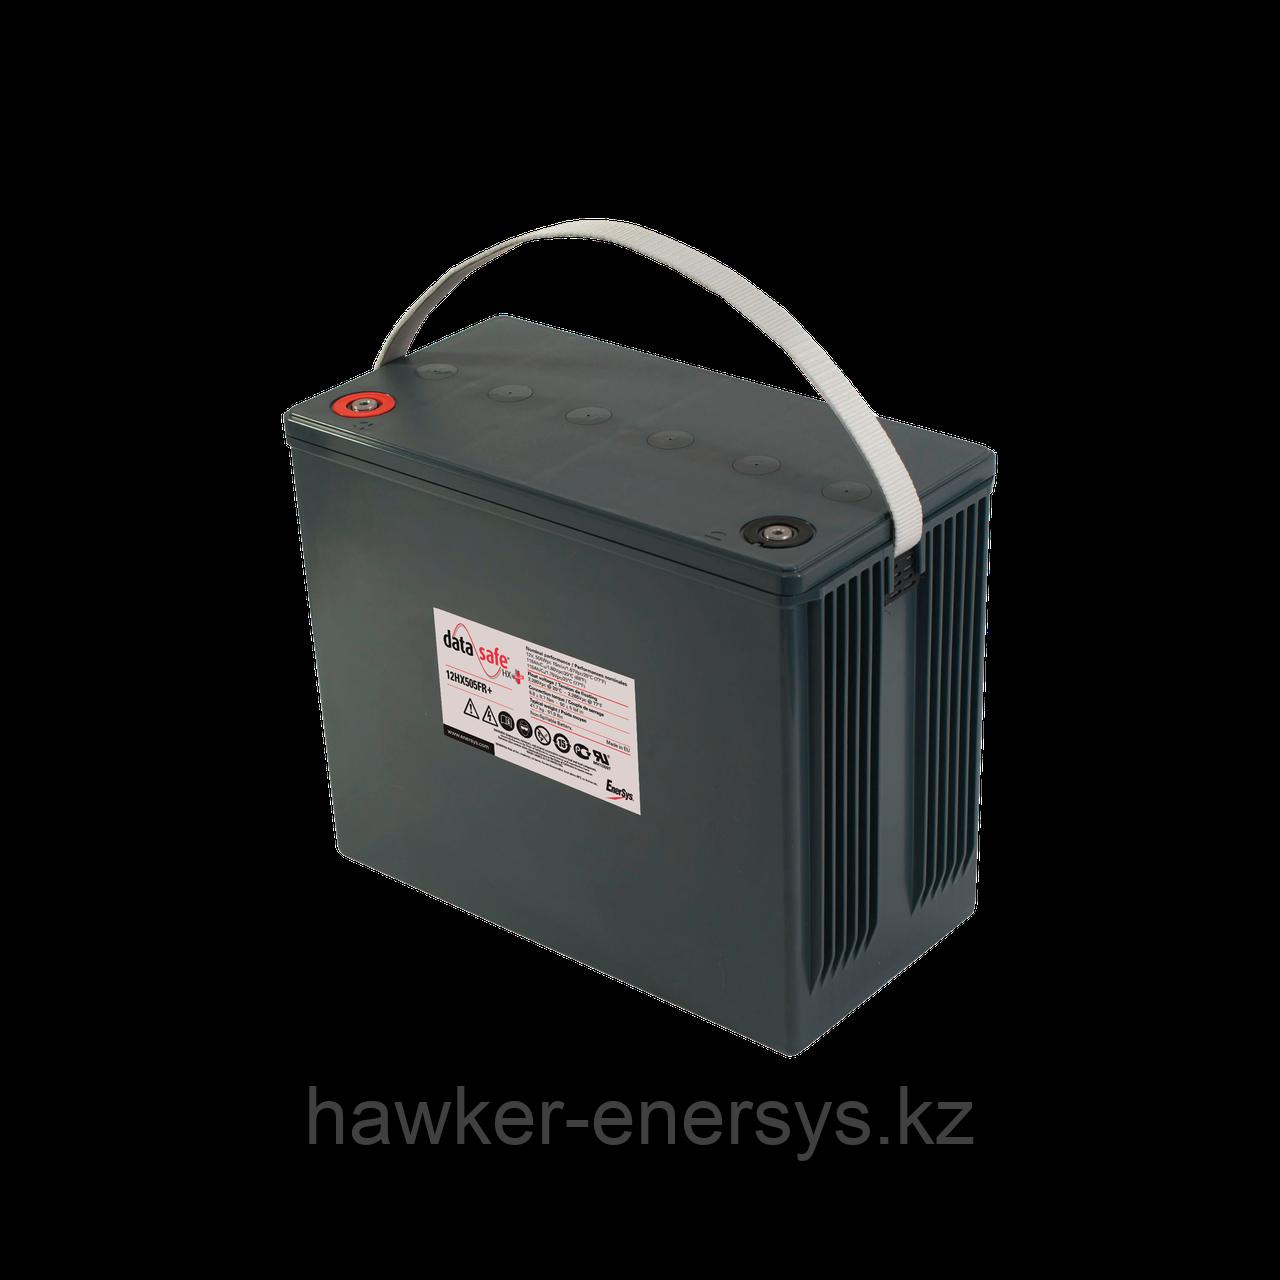 Аккумулятор промышленный DataSafe 12HX505+ (119AH)